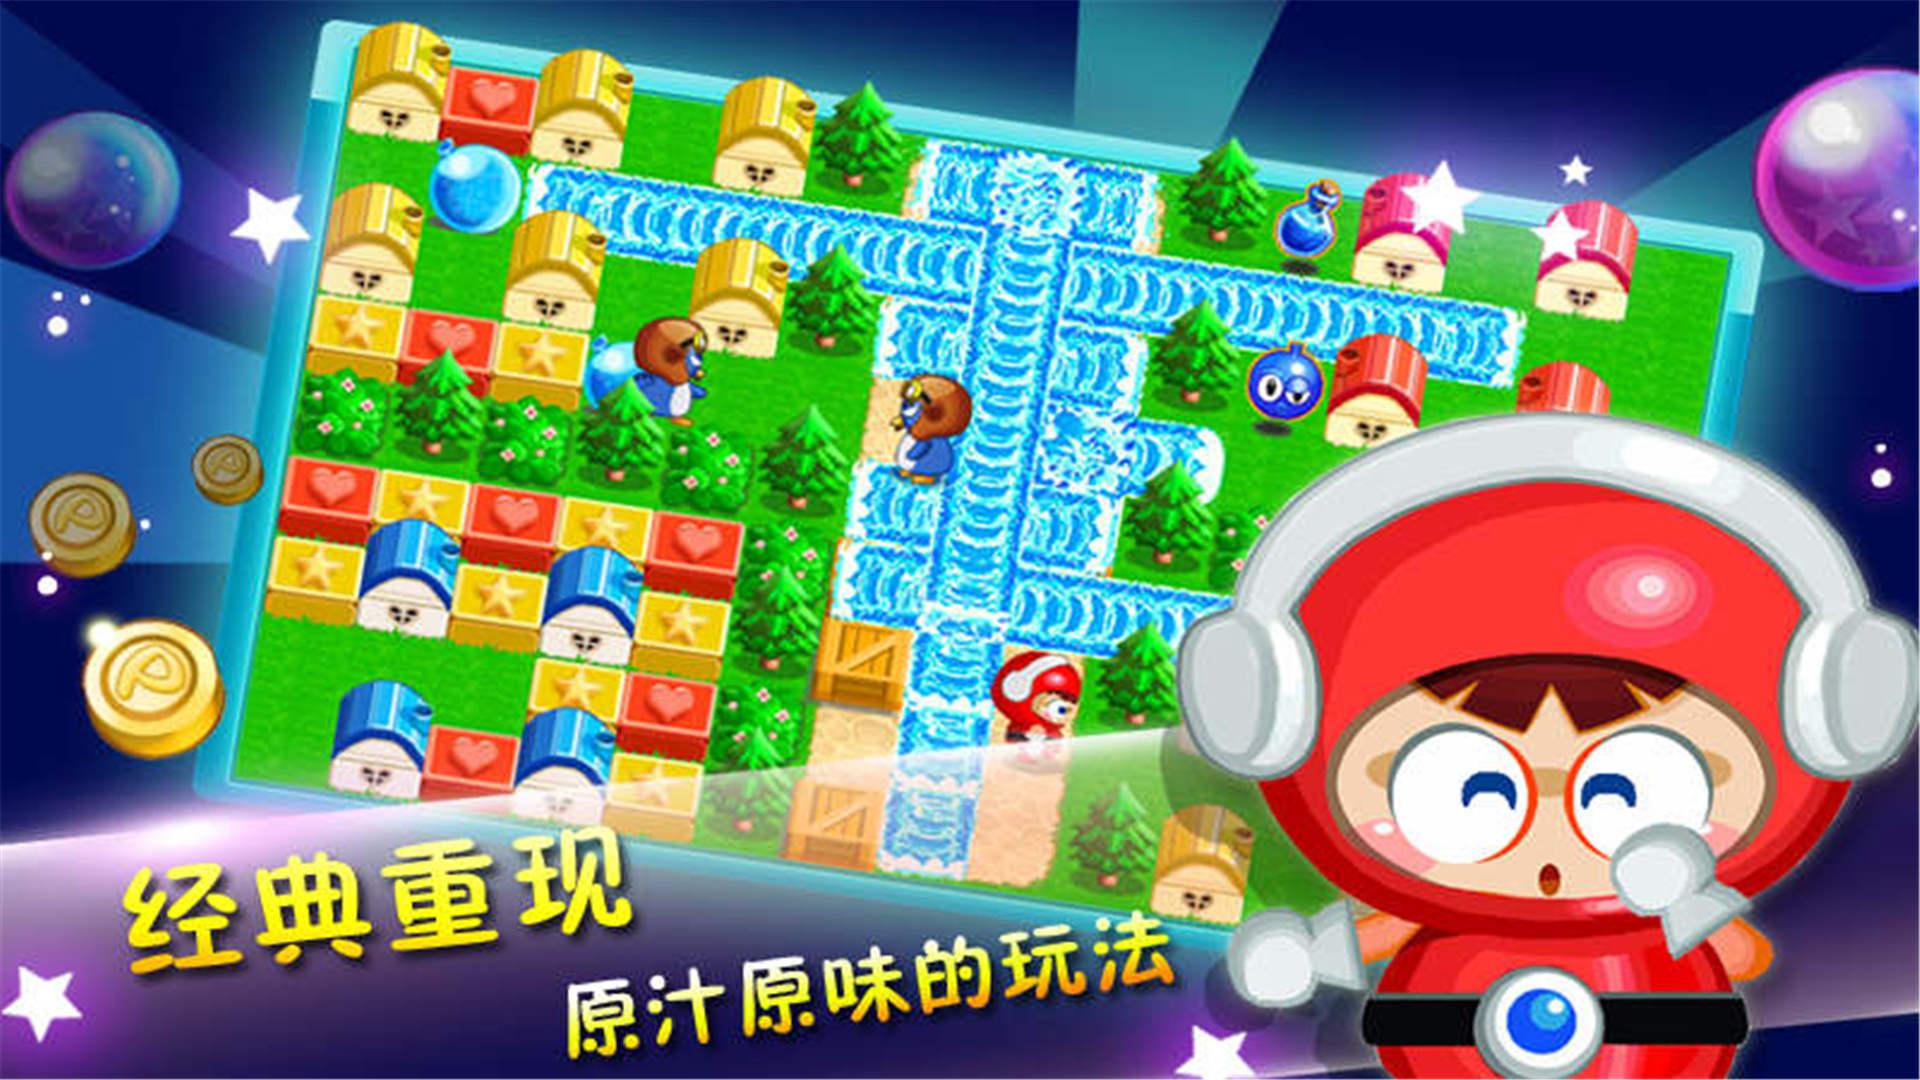 《泡泡大作战》是一款Q版休闲竞技类游戏。游戏玩法经典,玩家通过释放泡泡来破坏场景中的箱子、获得不同功能的道具、提升能力并最终消灭敌人。游戏包含了风格独特的多个场景和无尽模式、BOSS模式等丰富的玩法;搞怪多样的怪物大大增加了游戏的挑战性和趣味性。 最经典的休闲竞技游戏《泡泡大作战》,现已火爆登陆android平台!新版本功能介绍: 新增了四种宠物,萌萌的萌羊羊,可爱的小猫咪吉吉,耍酷的小狗旺旺以及空中小飞人酷比。 宠物不仅可以跟在主角身后帮忙吃道具,还可以对获得的分数和金币进行比例加成噢。想在排行榜中获得